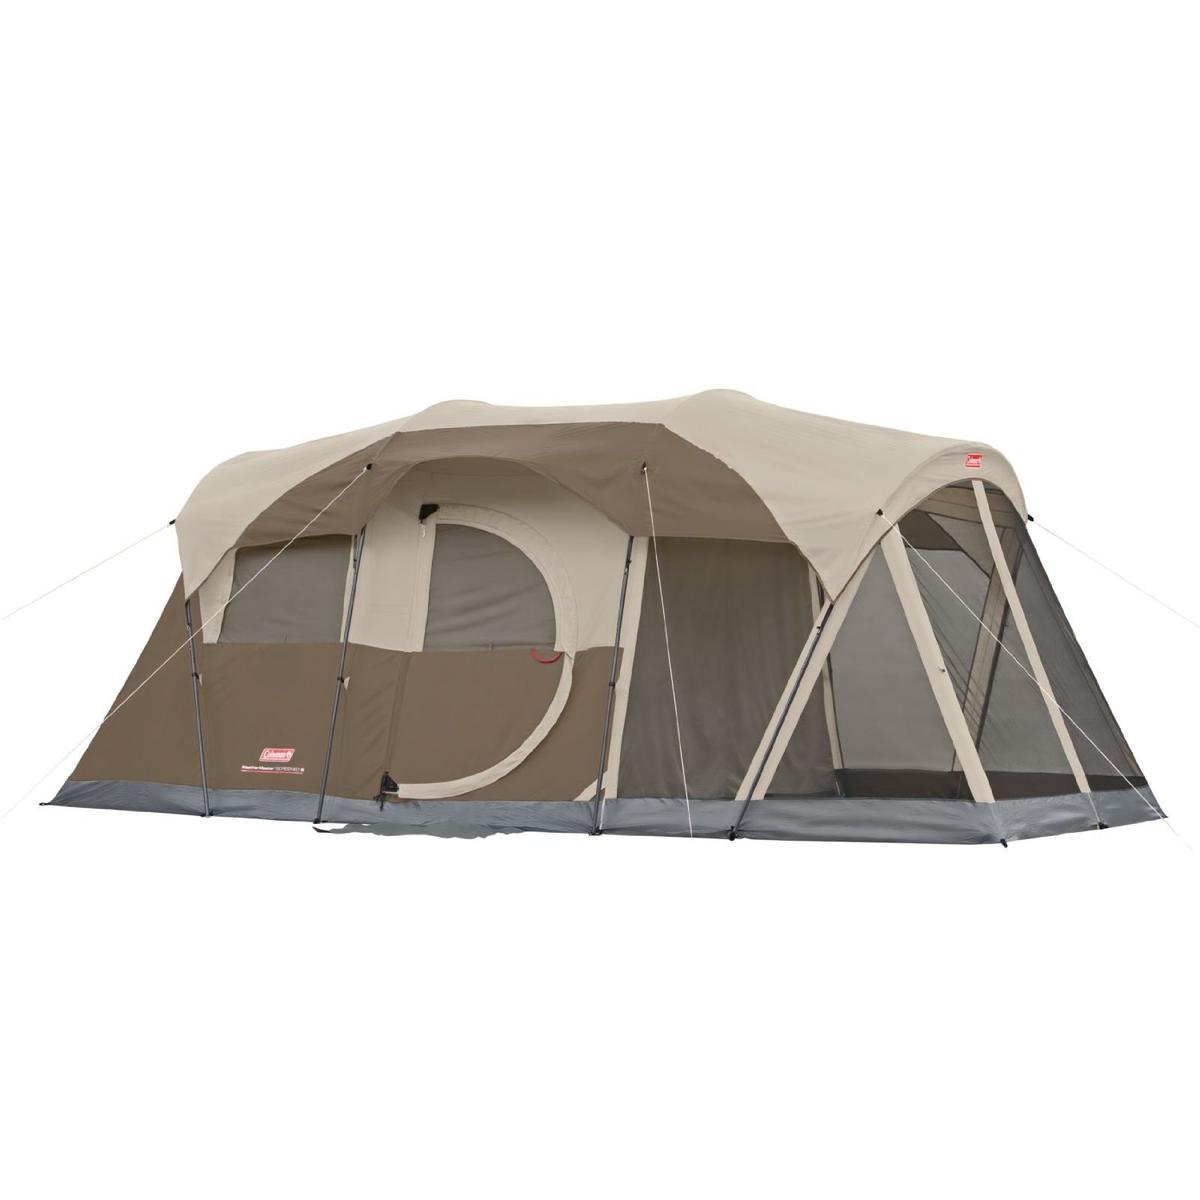 テント キャンプ アウトドア コールマン 6人用 防災 非常